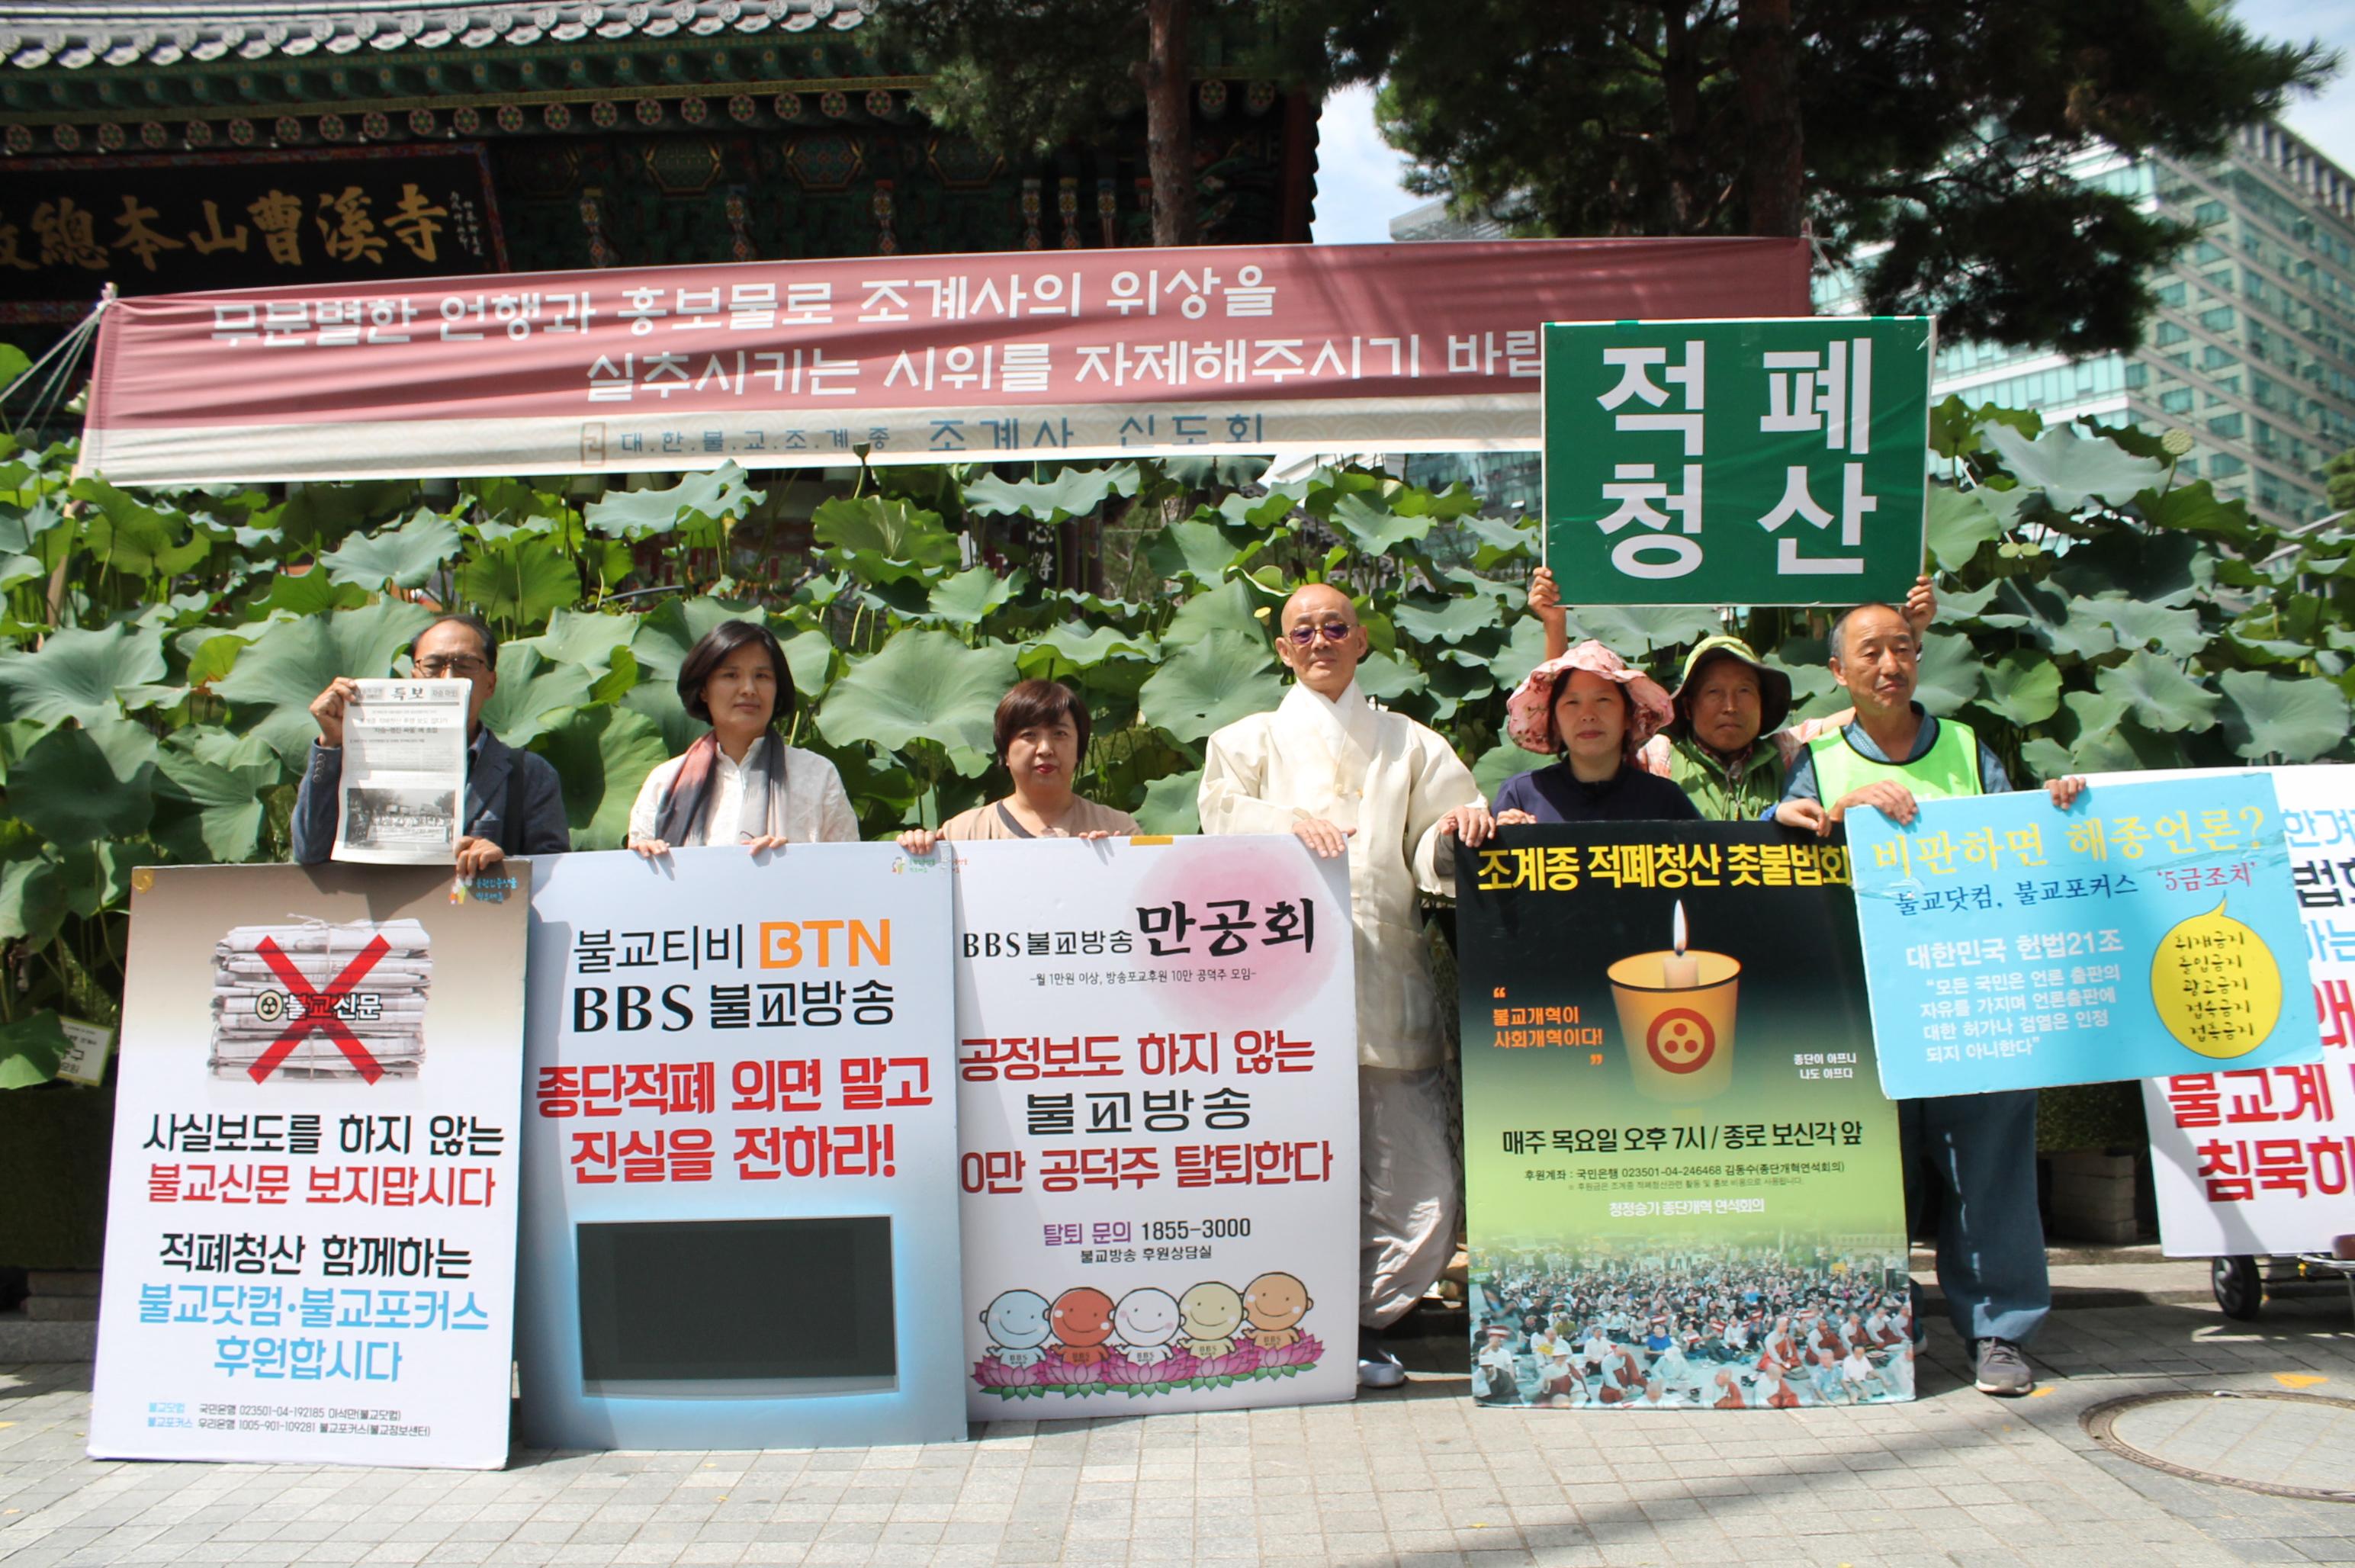 서울 종로구 조례사 앞에서 불교 적폐청산을 외치며, 시민들이 1인 시위를 하고 있다.